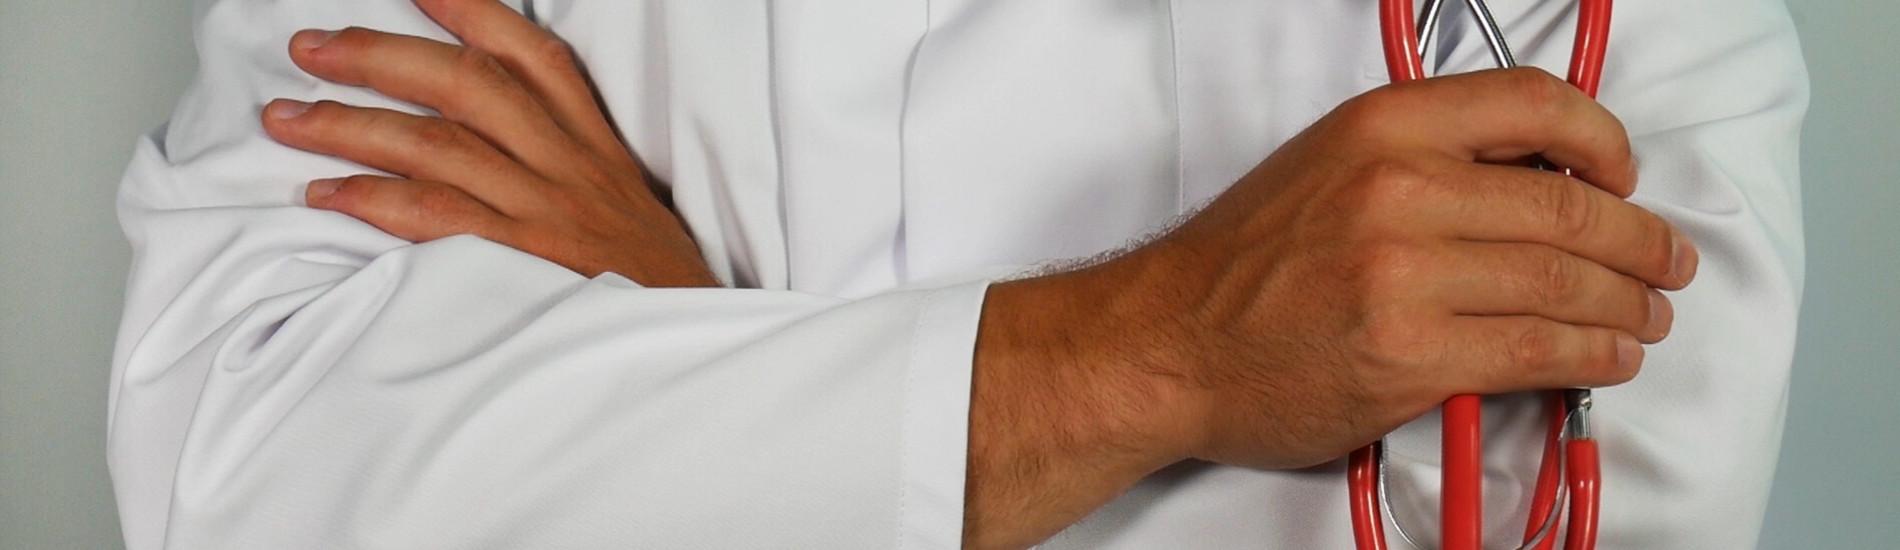 Zakres przedmiotowy tajemnicy medycznej – czego lekarz powiedzieć nie może